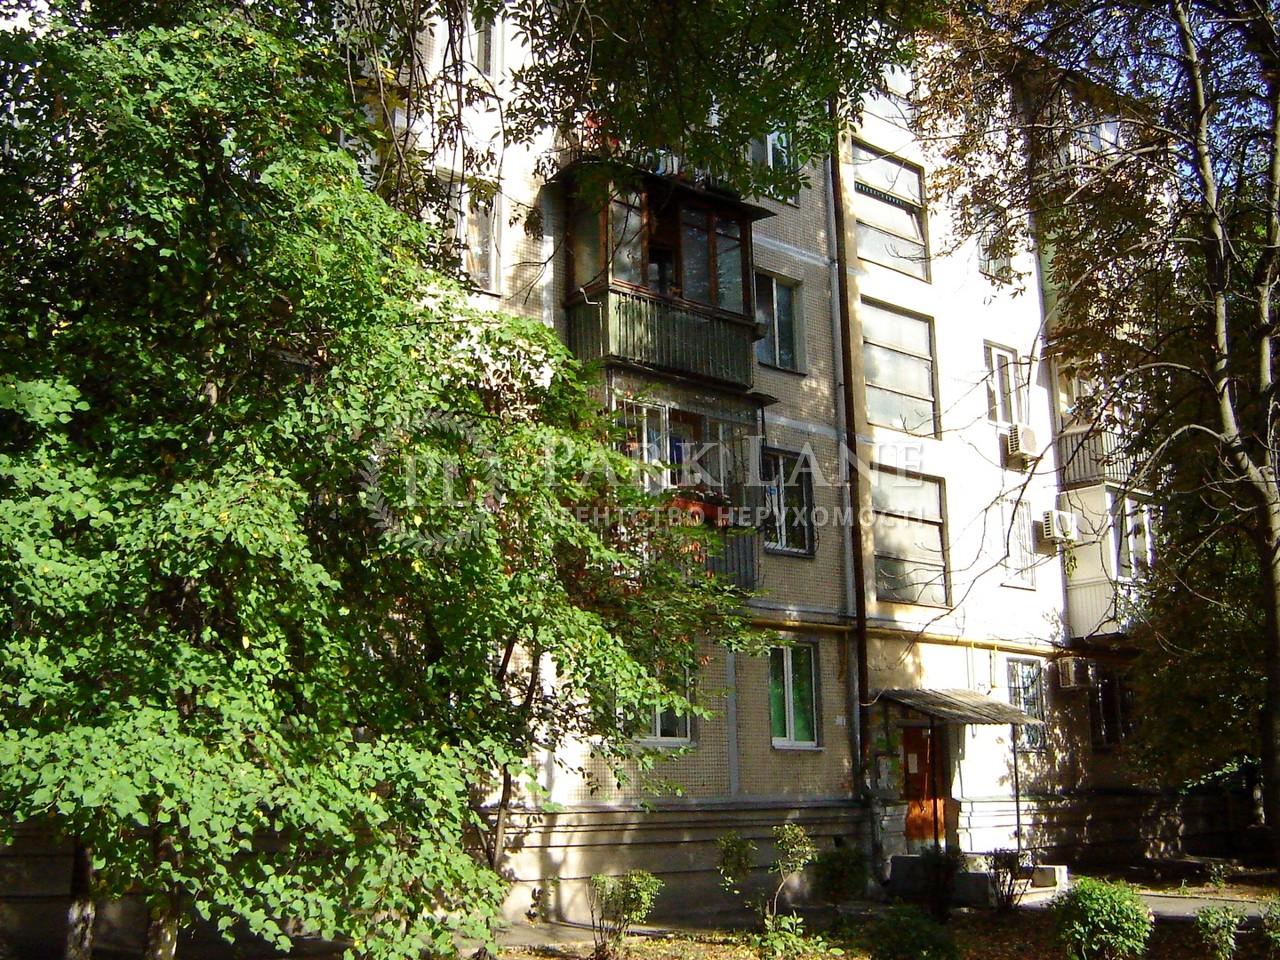 Квартира R-40361, Приймаченко Марии бульв. (Лихачева), 8б, Киев - Фото 2